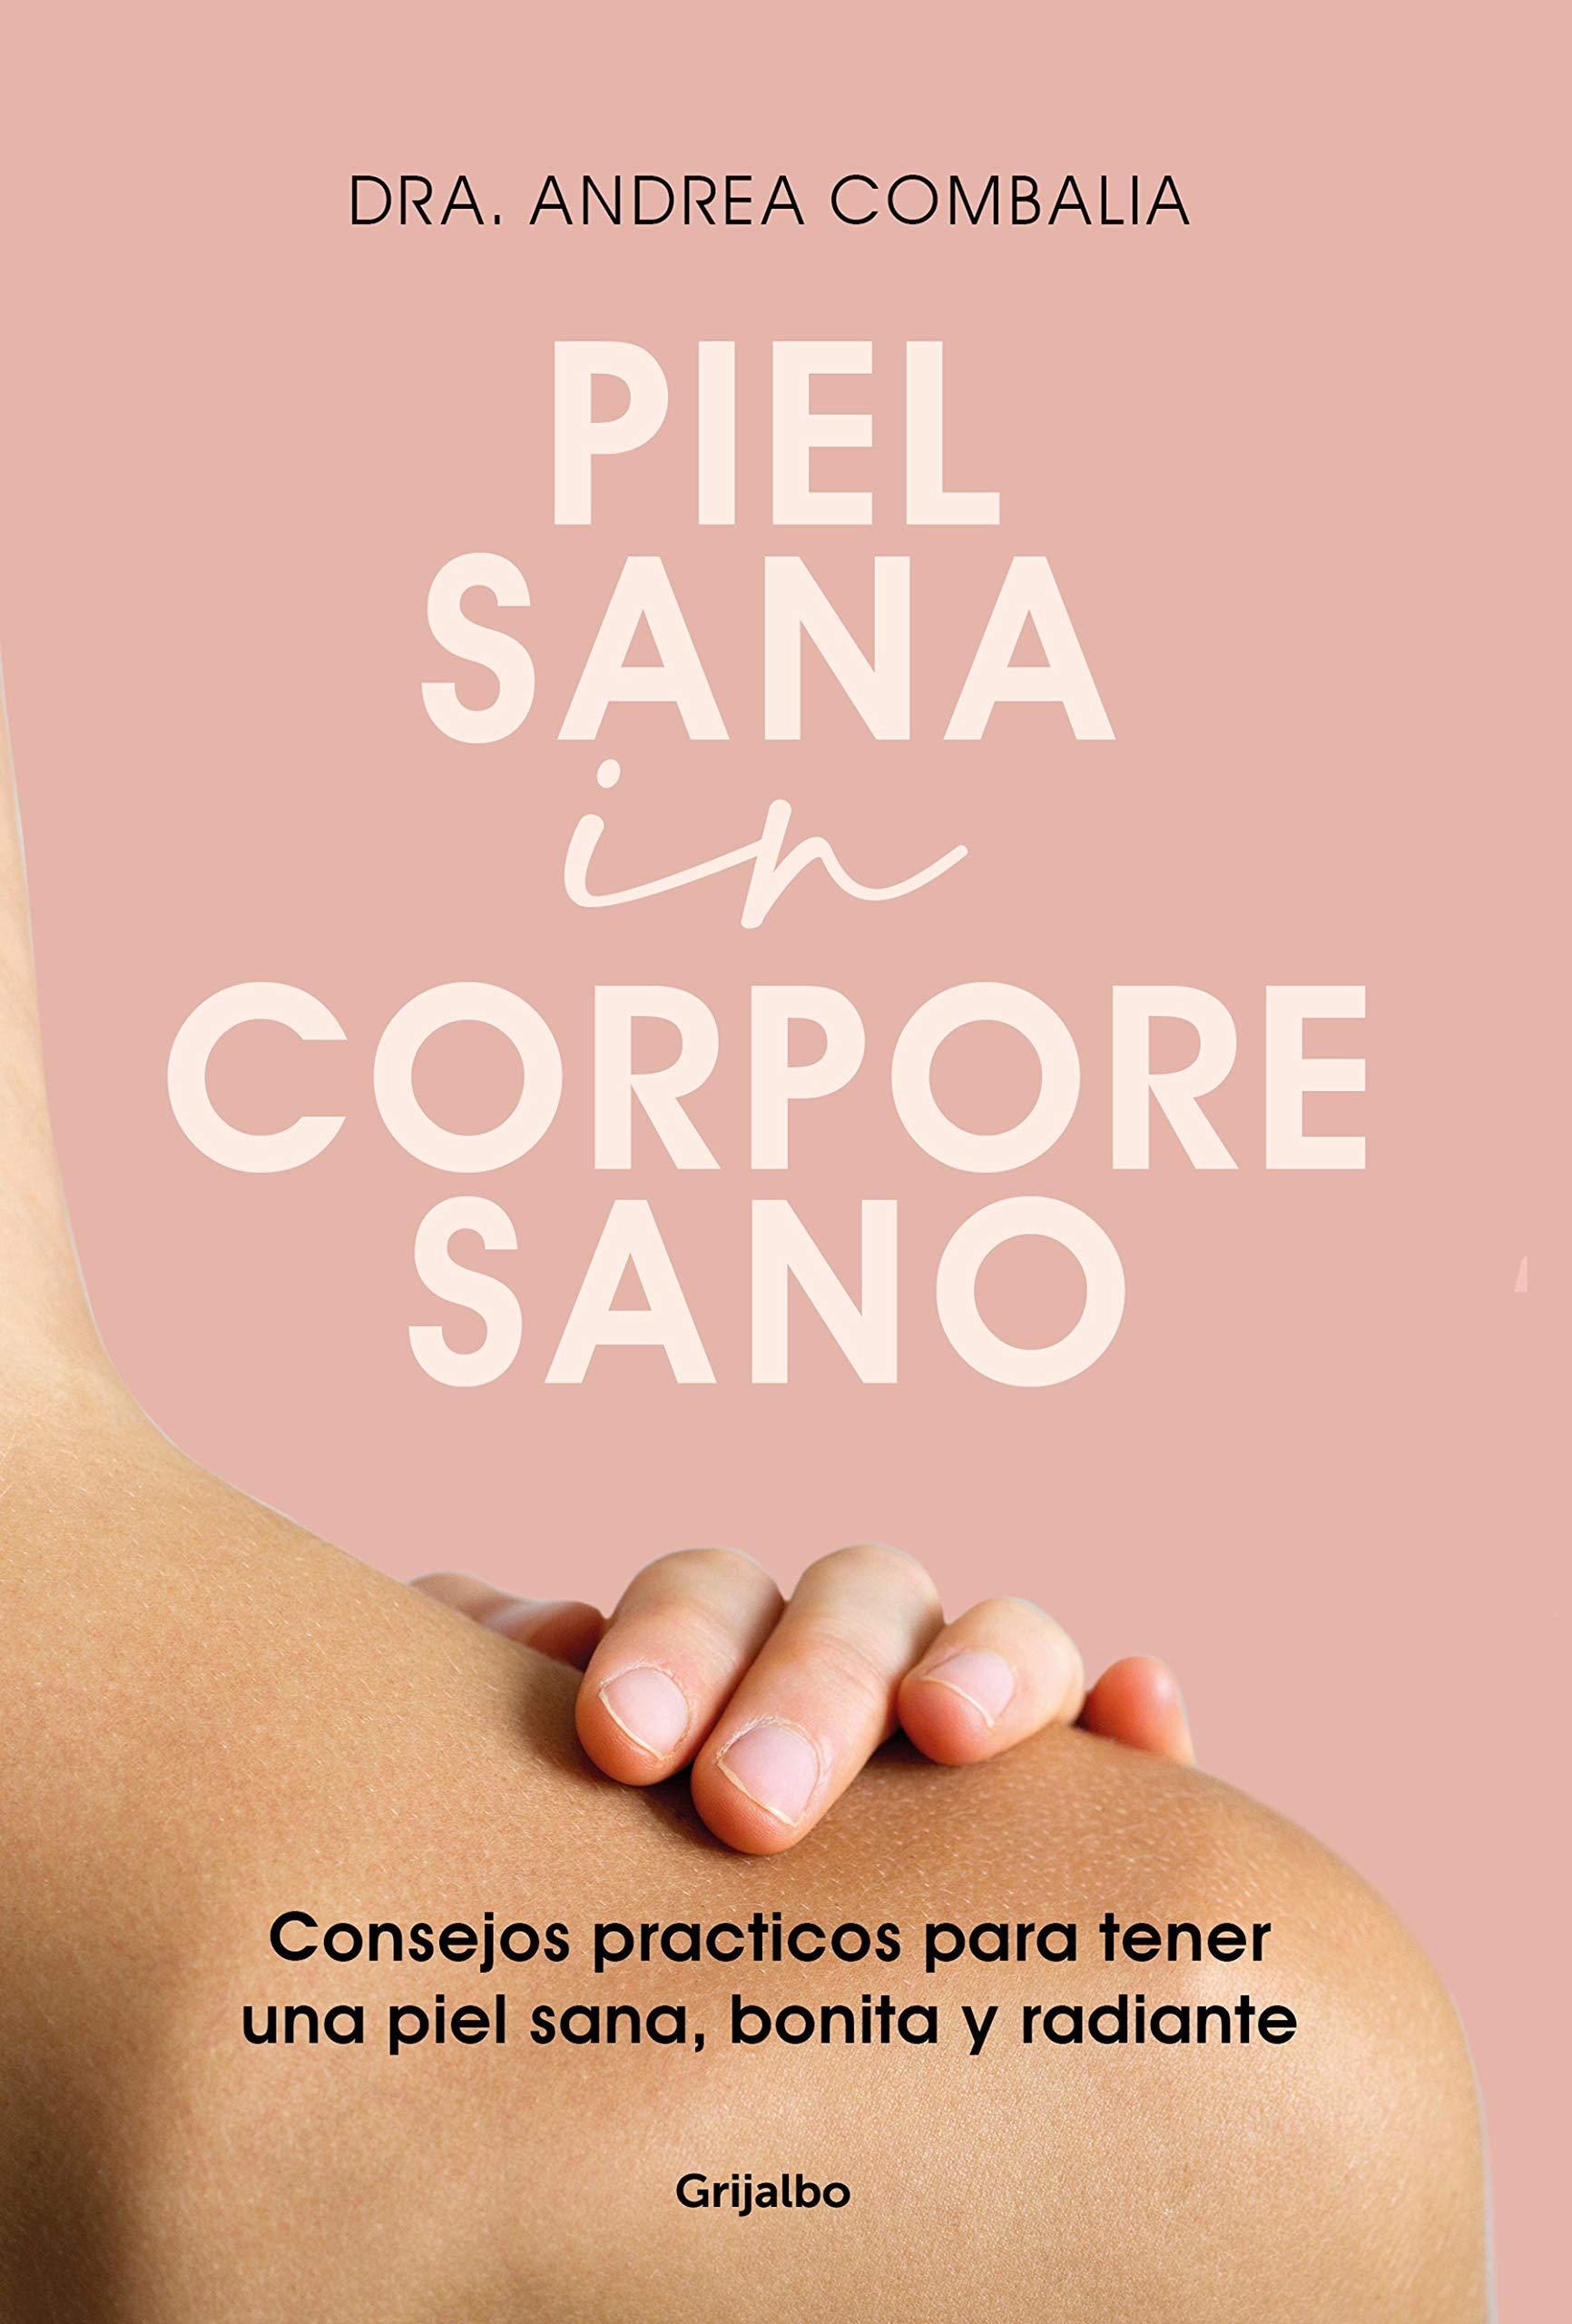 Cover libro piel sana in corpore sano. Libro cuidado piel